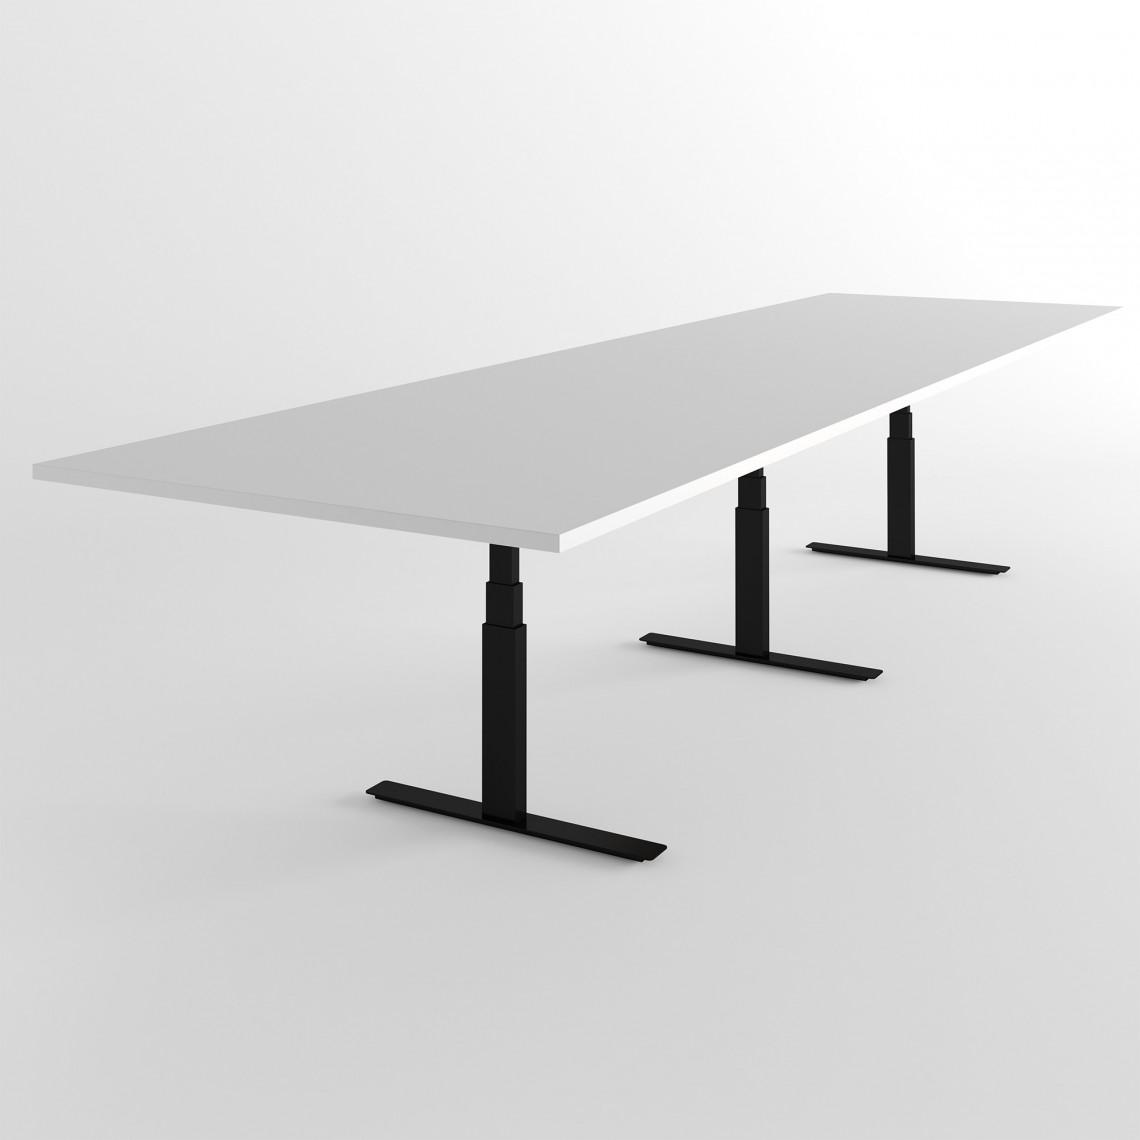 Höj- och sänkbart konferensbord Modul - (Rektangulärt)